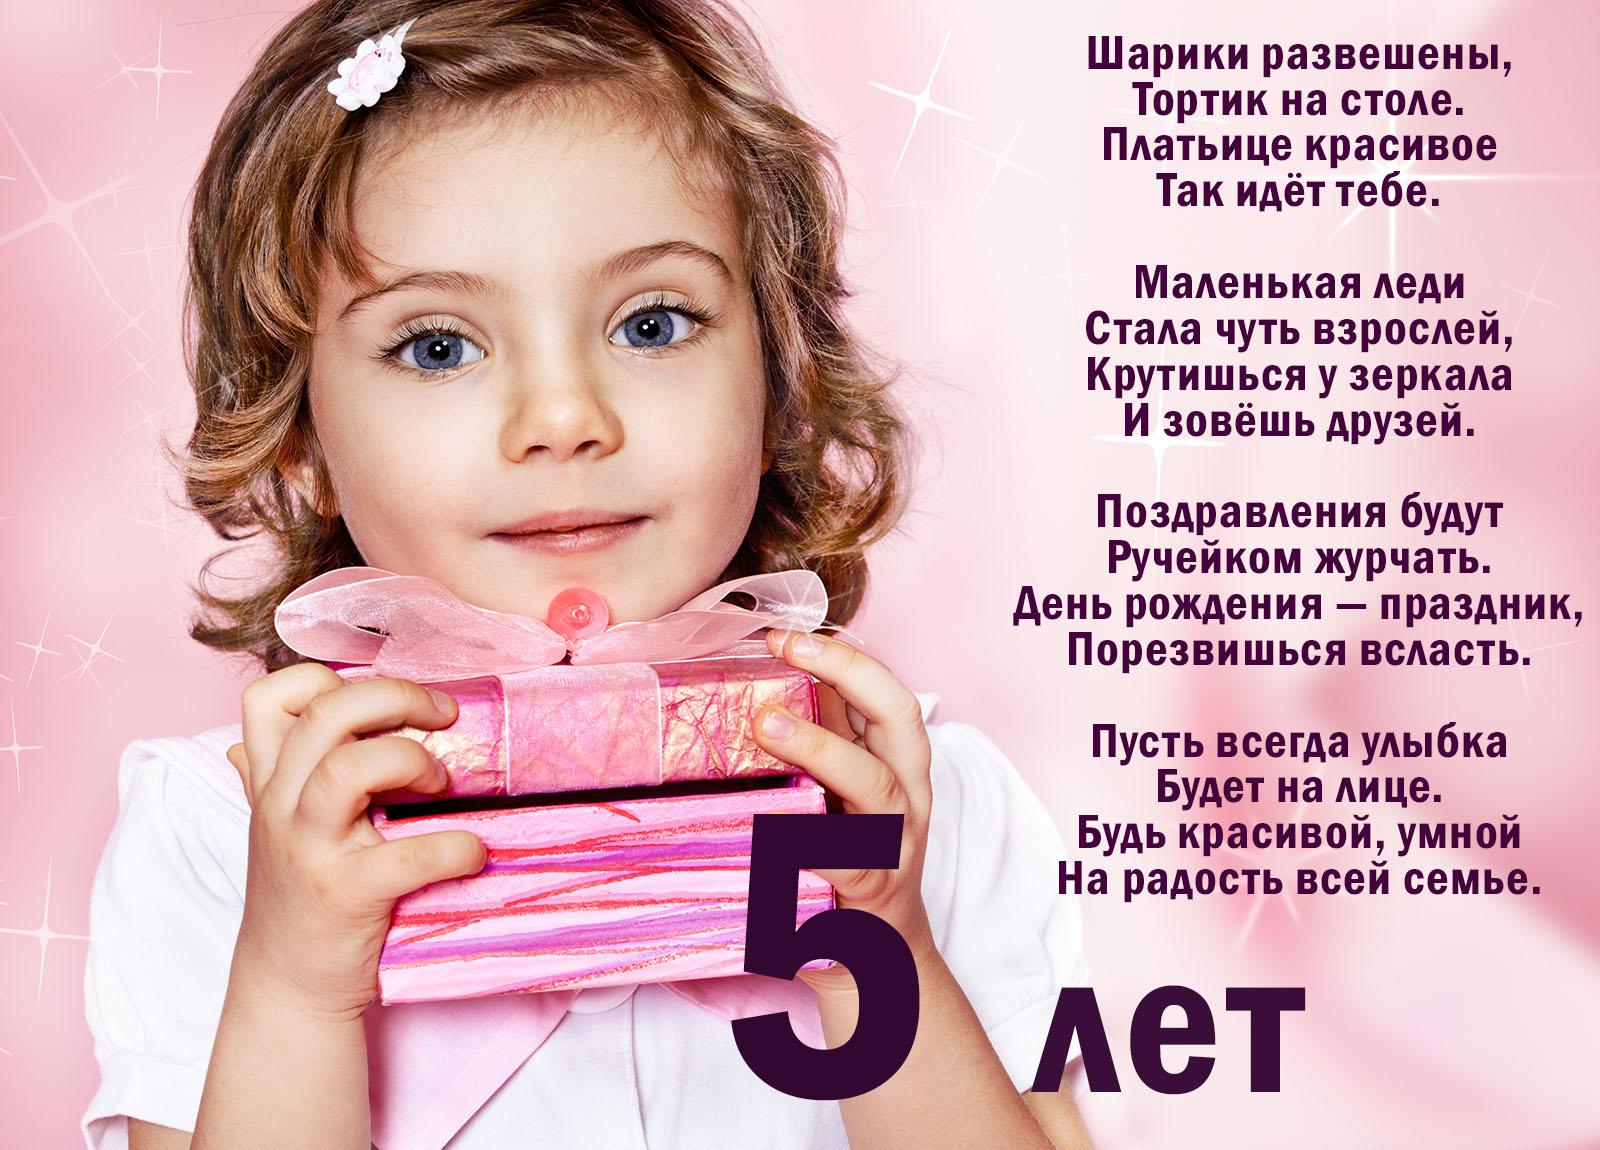 5 лет поздравление для девочки 65